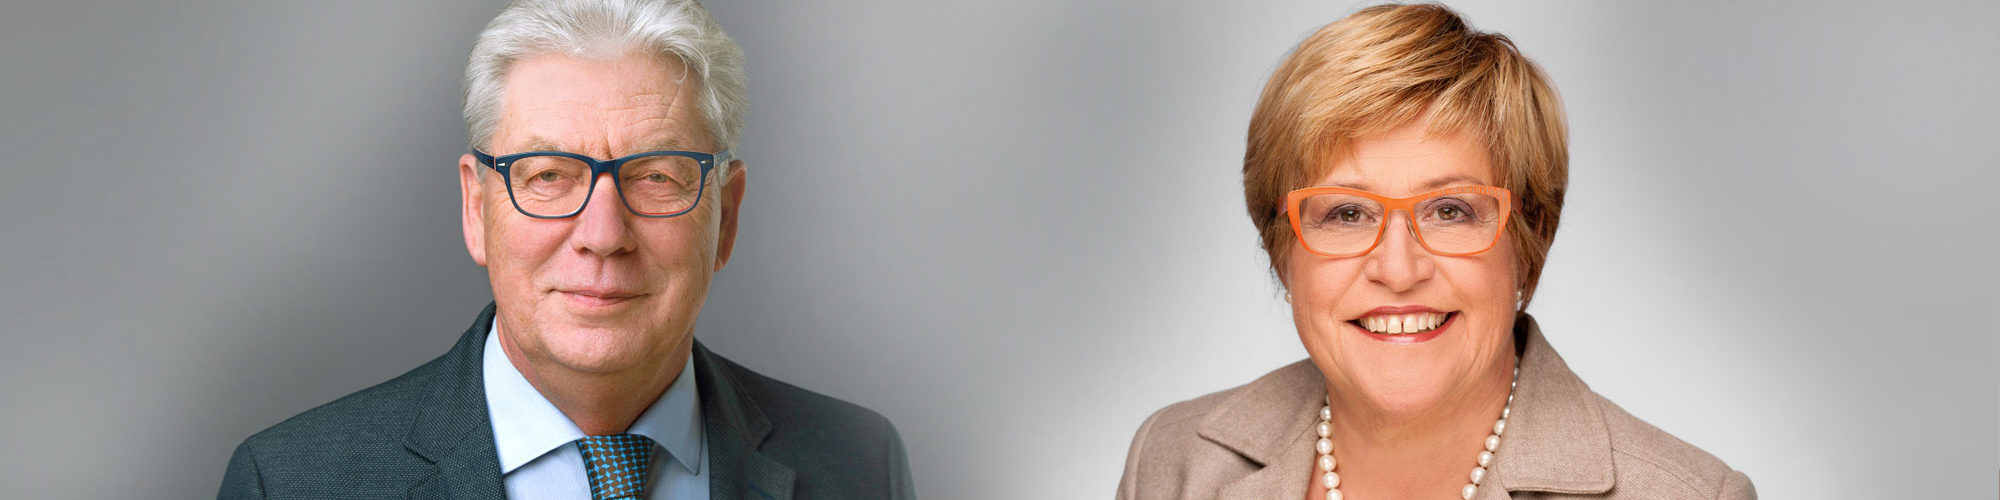 Doris Röhlich-Spitzer - Jens Spitzer